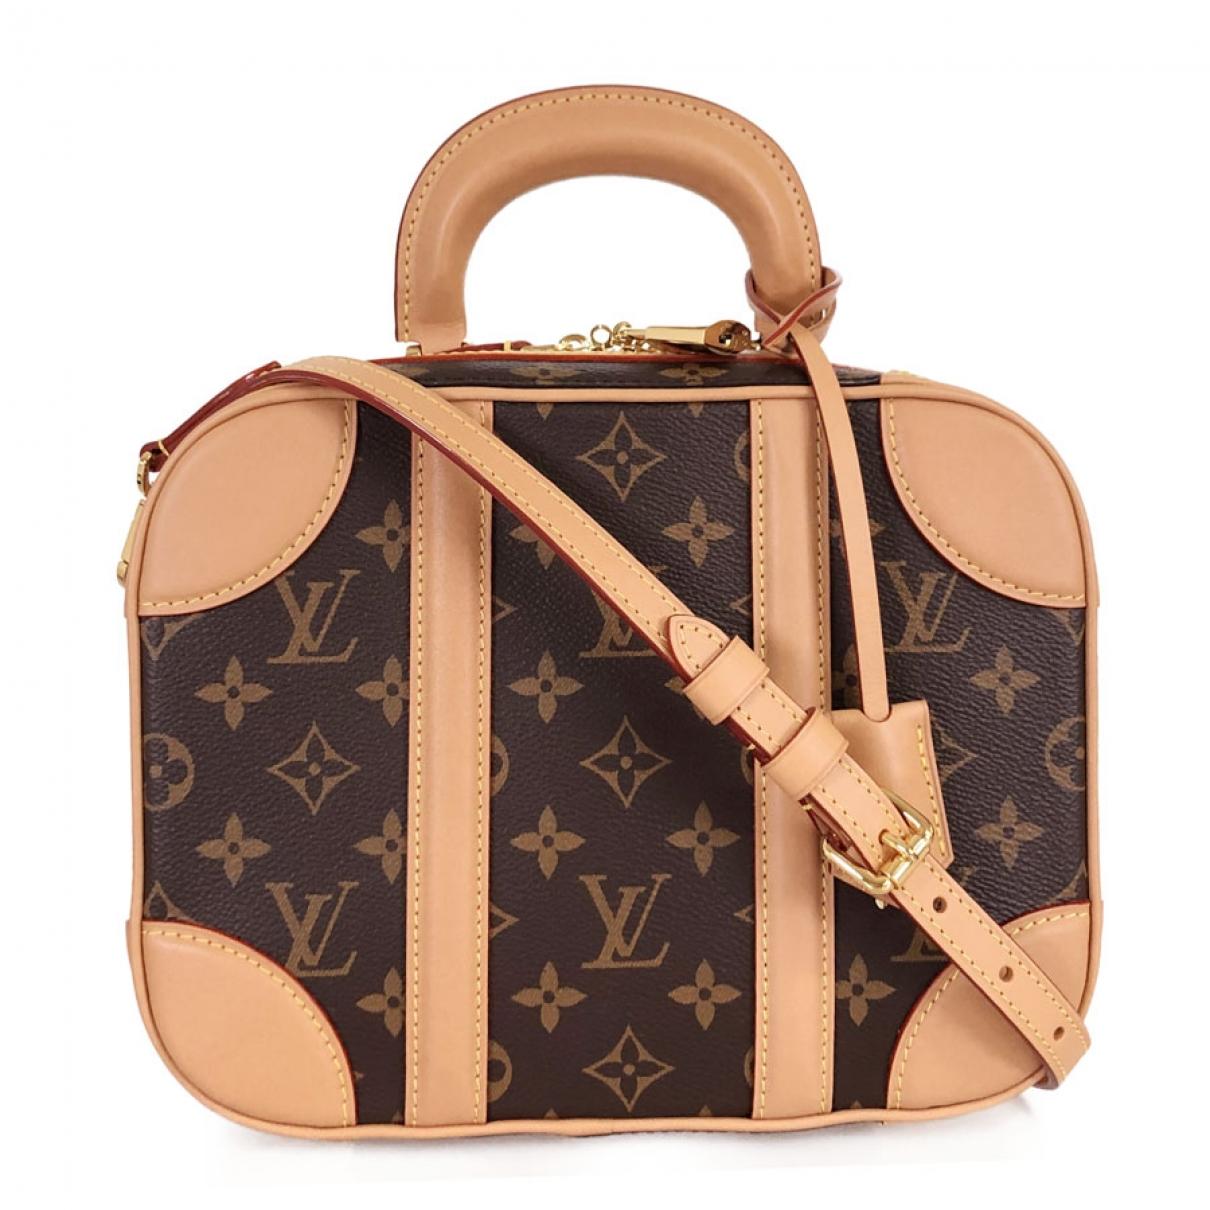 Louis Vuitton - Sac a main Valisette pour femme en toile - marron